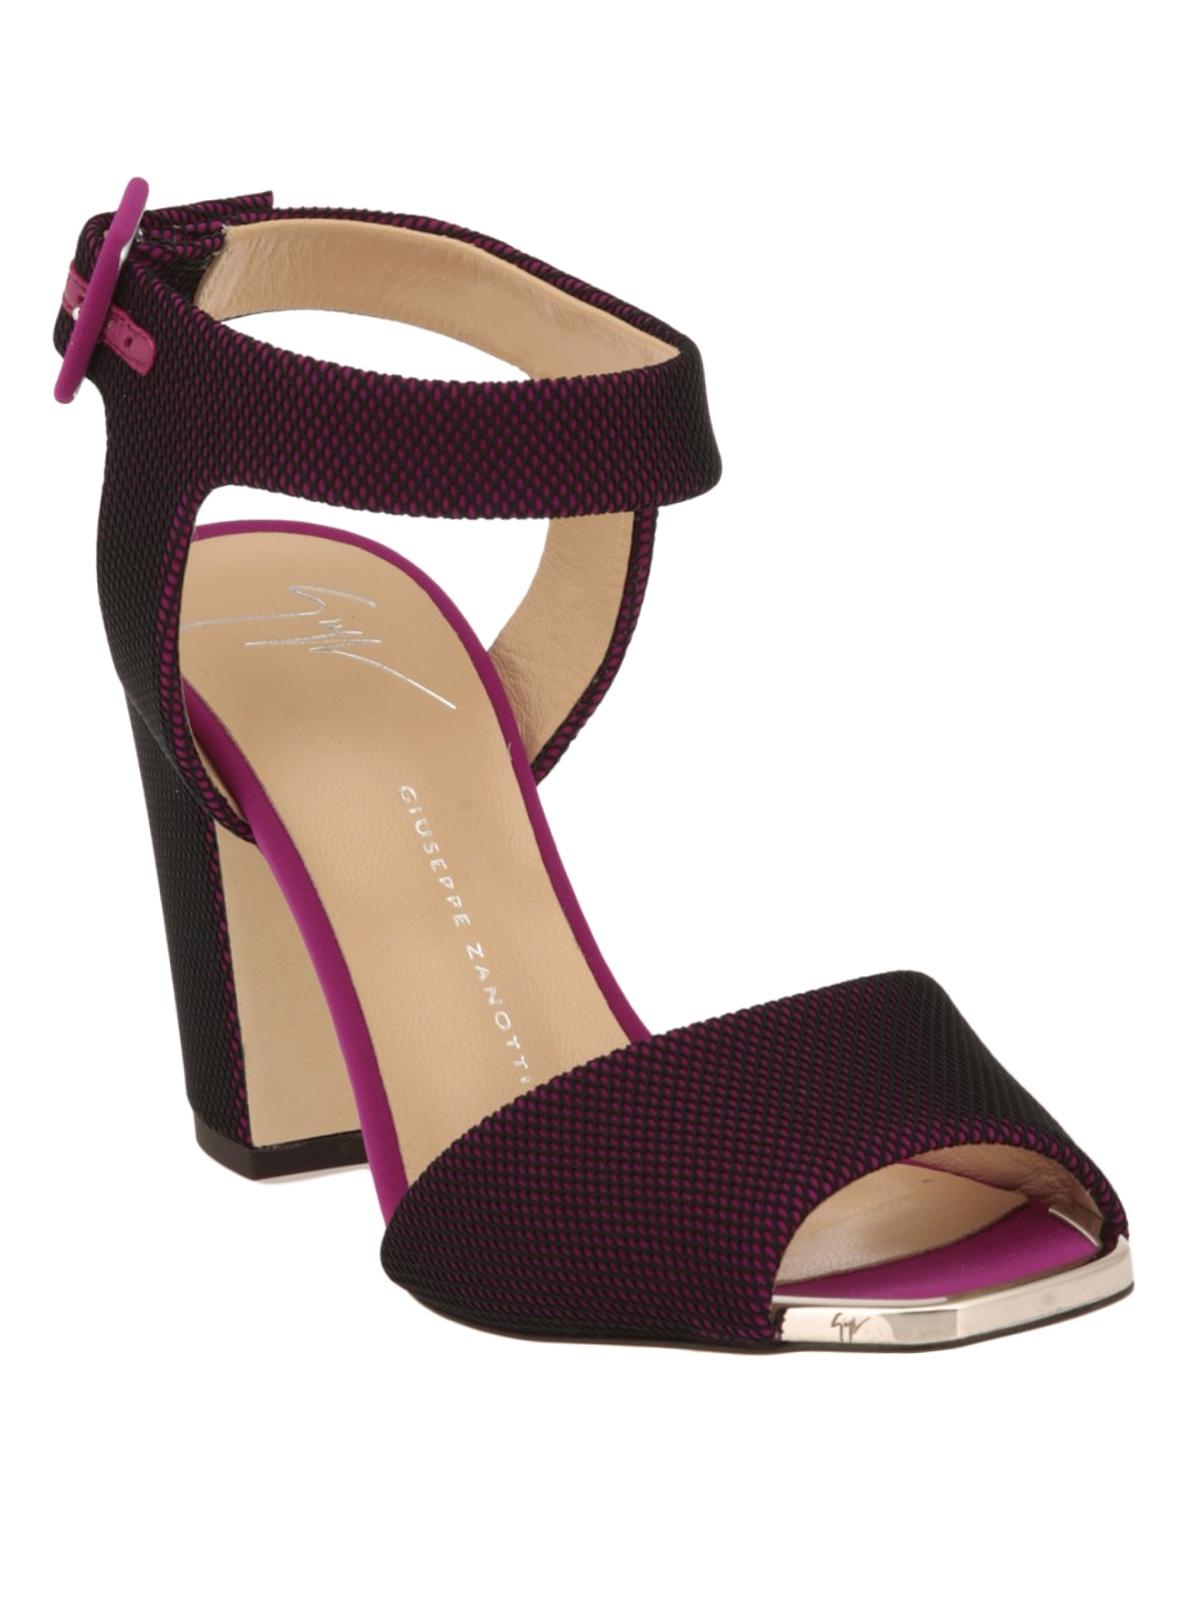 1a7cb655a911 Velvet program double-band sandal. giuseppe zanotti sneakers kanye west  loafer for one crossword clue